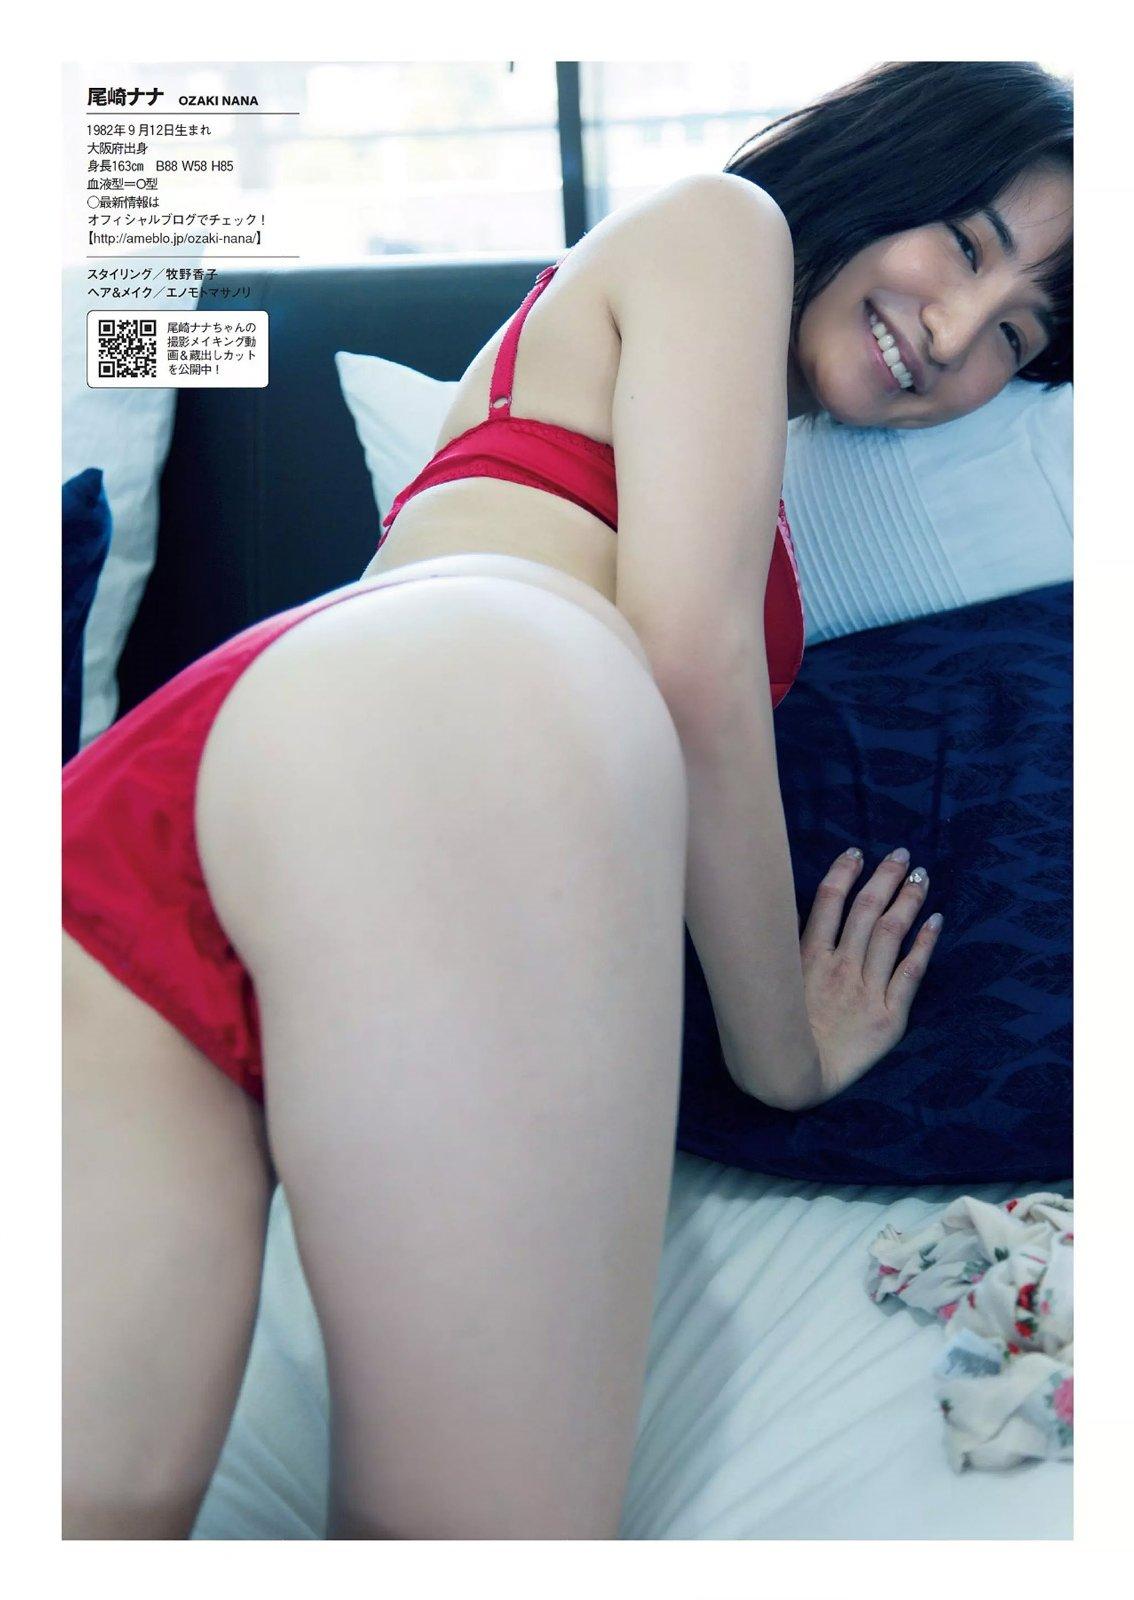 「週刊プレイボーイ 2015 No.27」尾崎ナナの下着グラビア